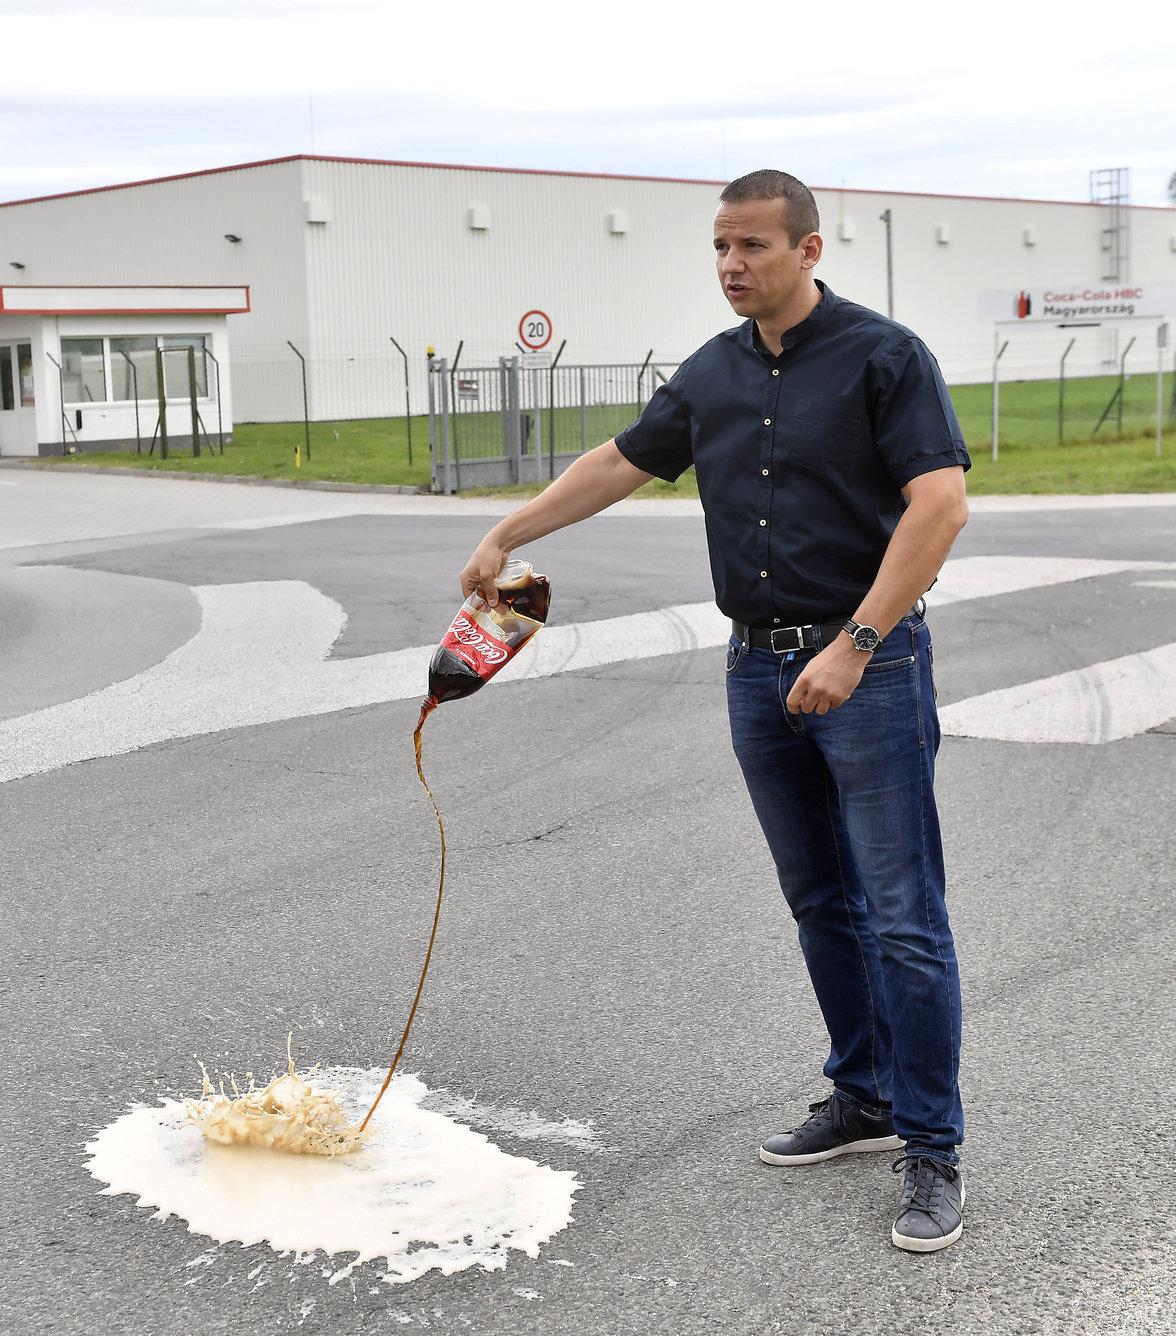 Toroczkai László, a Mi Hazánk Mozgalom elnöke tiltakozó akciójuk első lépéseként a Coca-Cola üdítőital-gyártó dunaharaszti telephelye előtti sajtótájékoztatóján az aszfaltra locsolja a támogatóik által felajánlott Coca-Cola terméket (Fotó: MTI/Illyés Tibor)